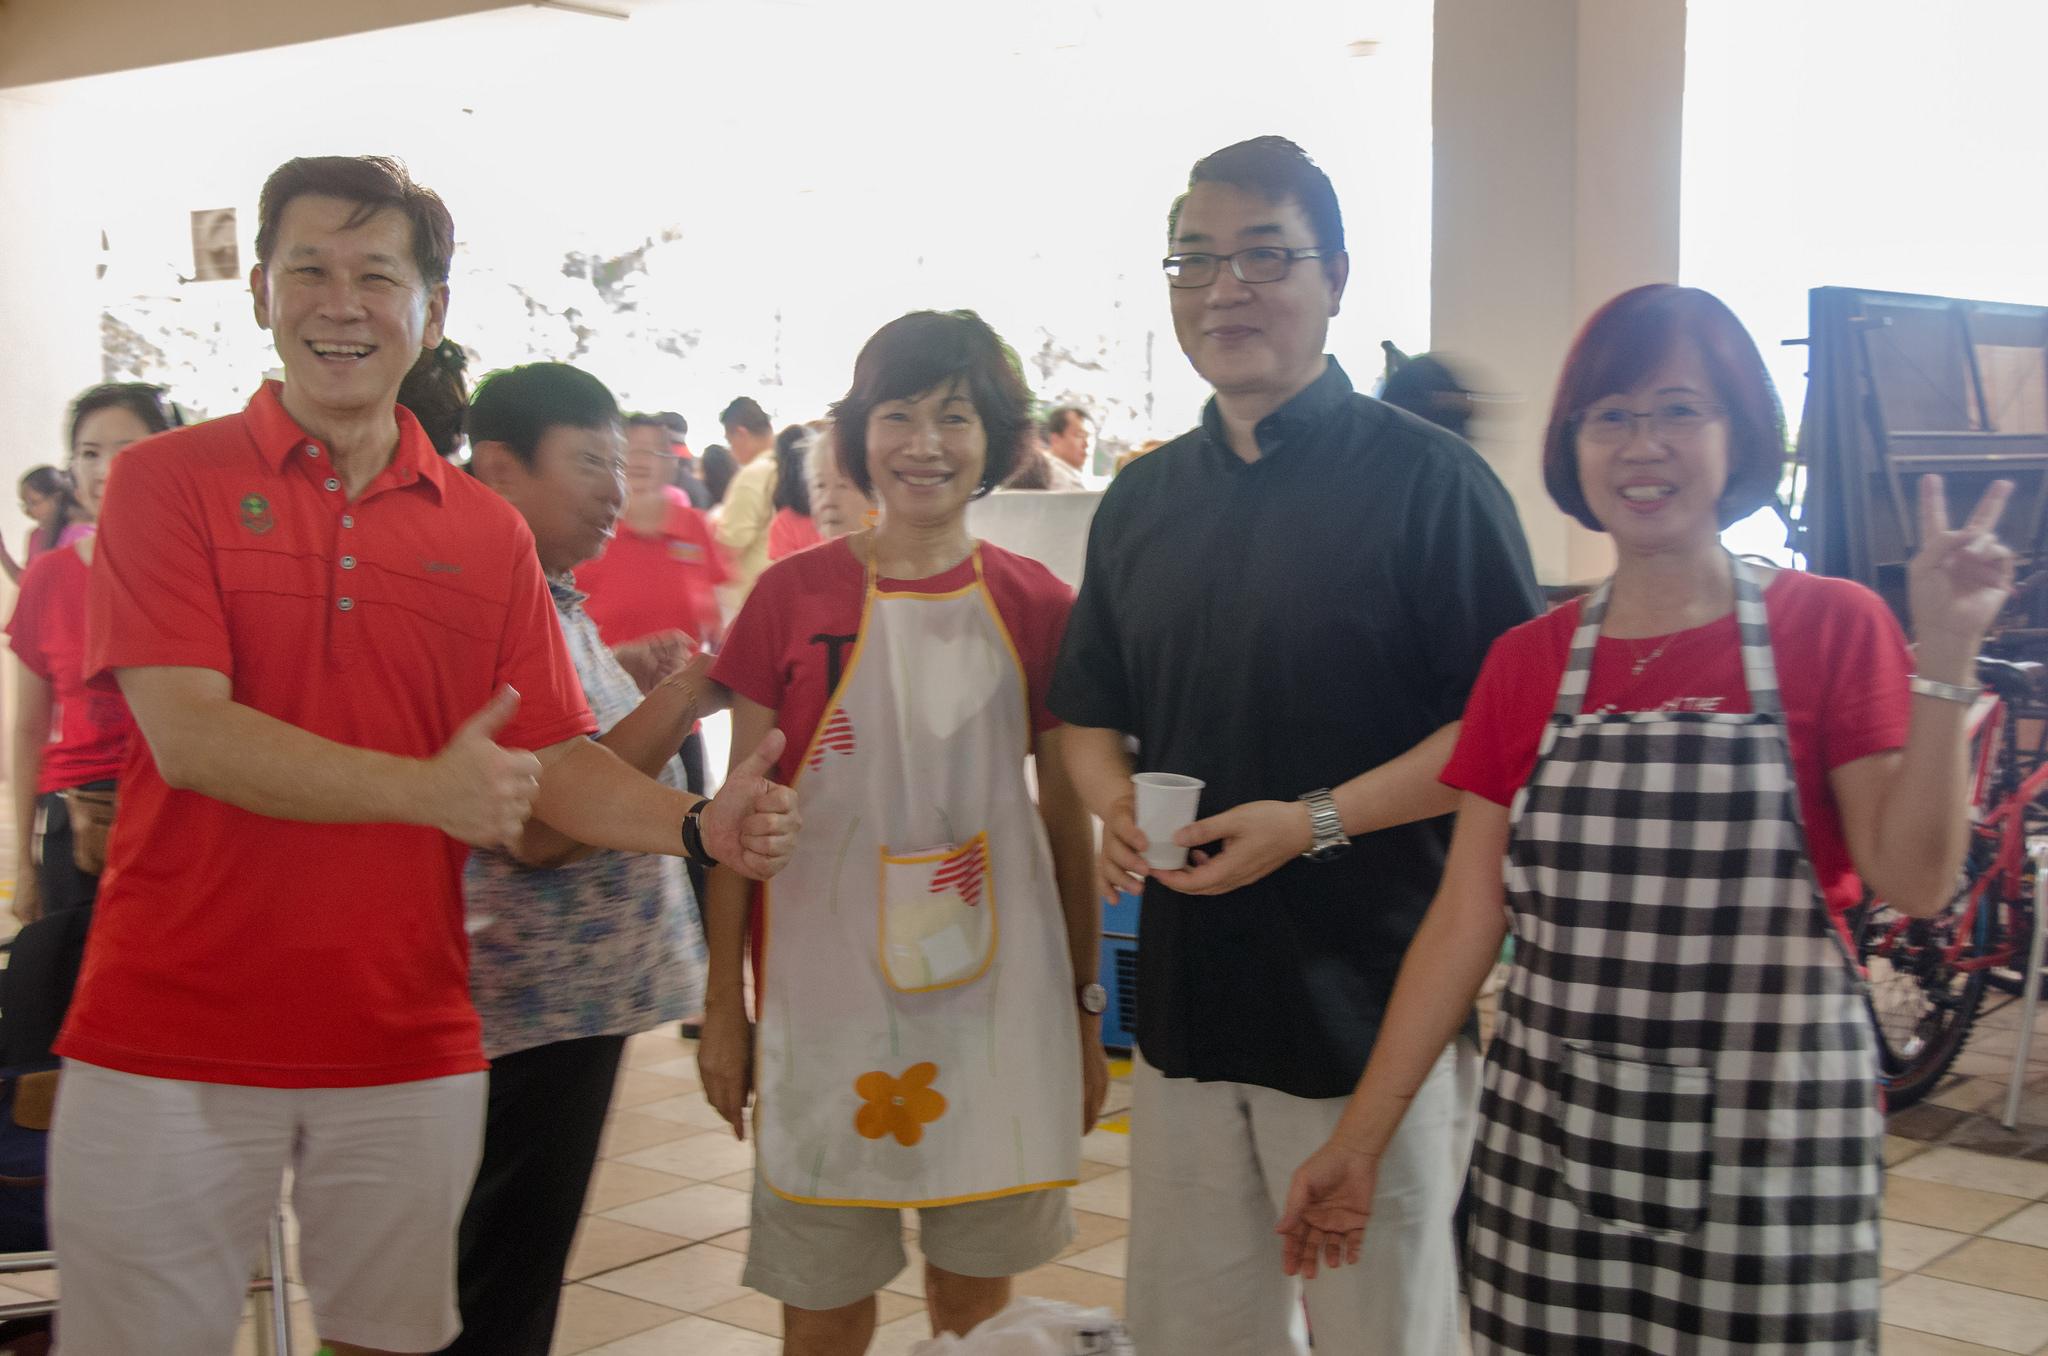 Grandma_kitchen_chefs